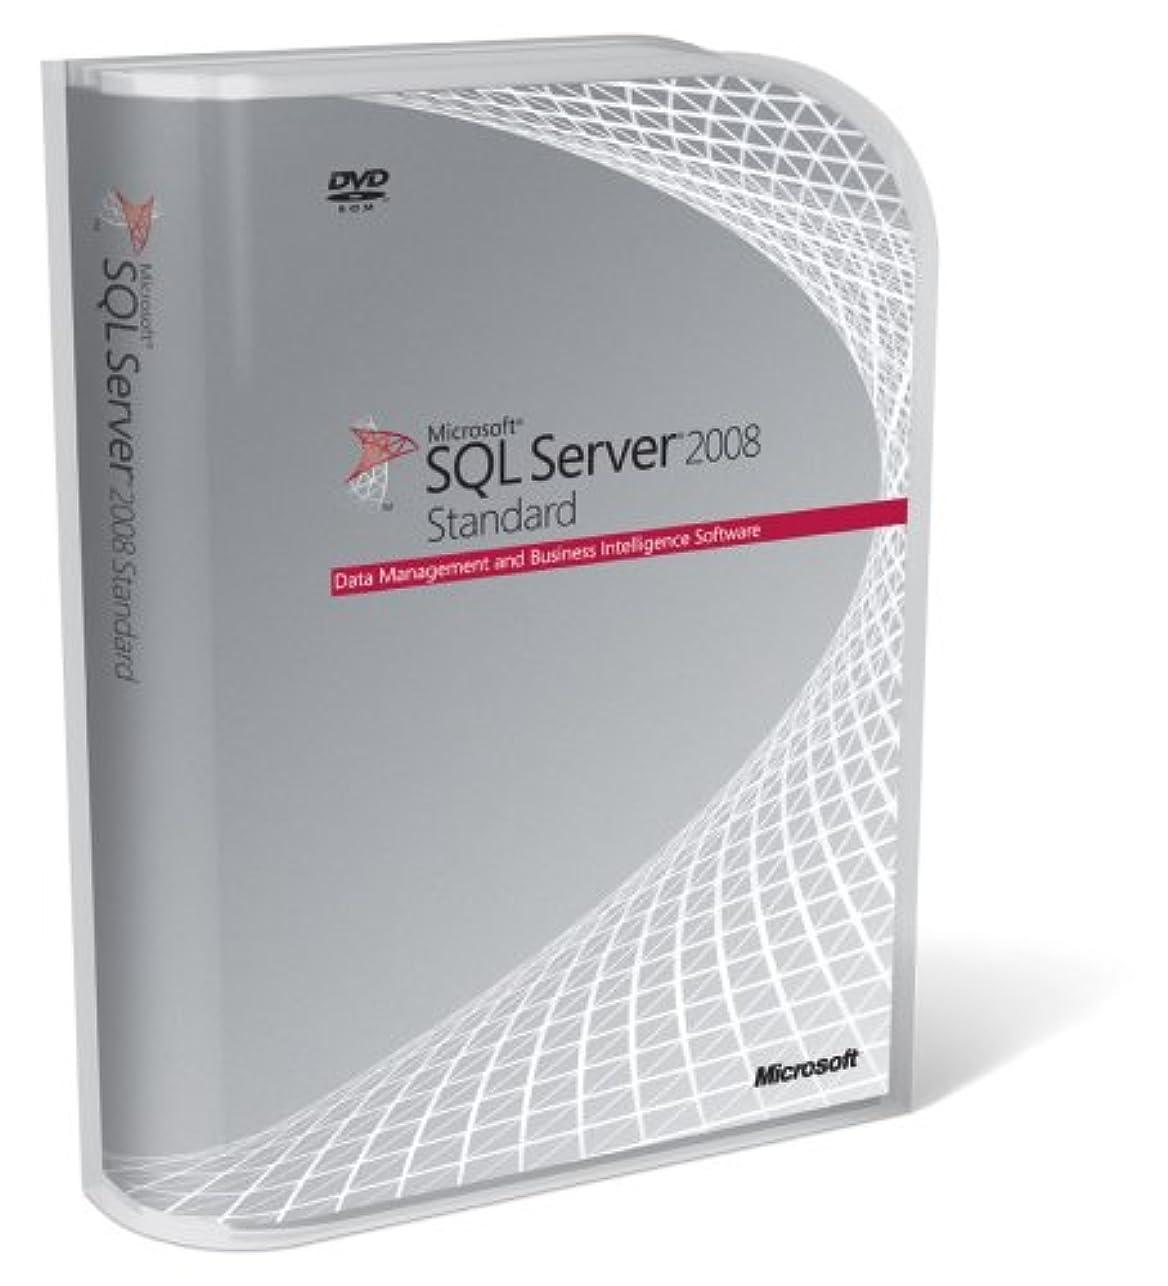 観察する装備する海藻SQL Server 2008 Standard 日本語版 プロセッサ ライセンス